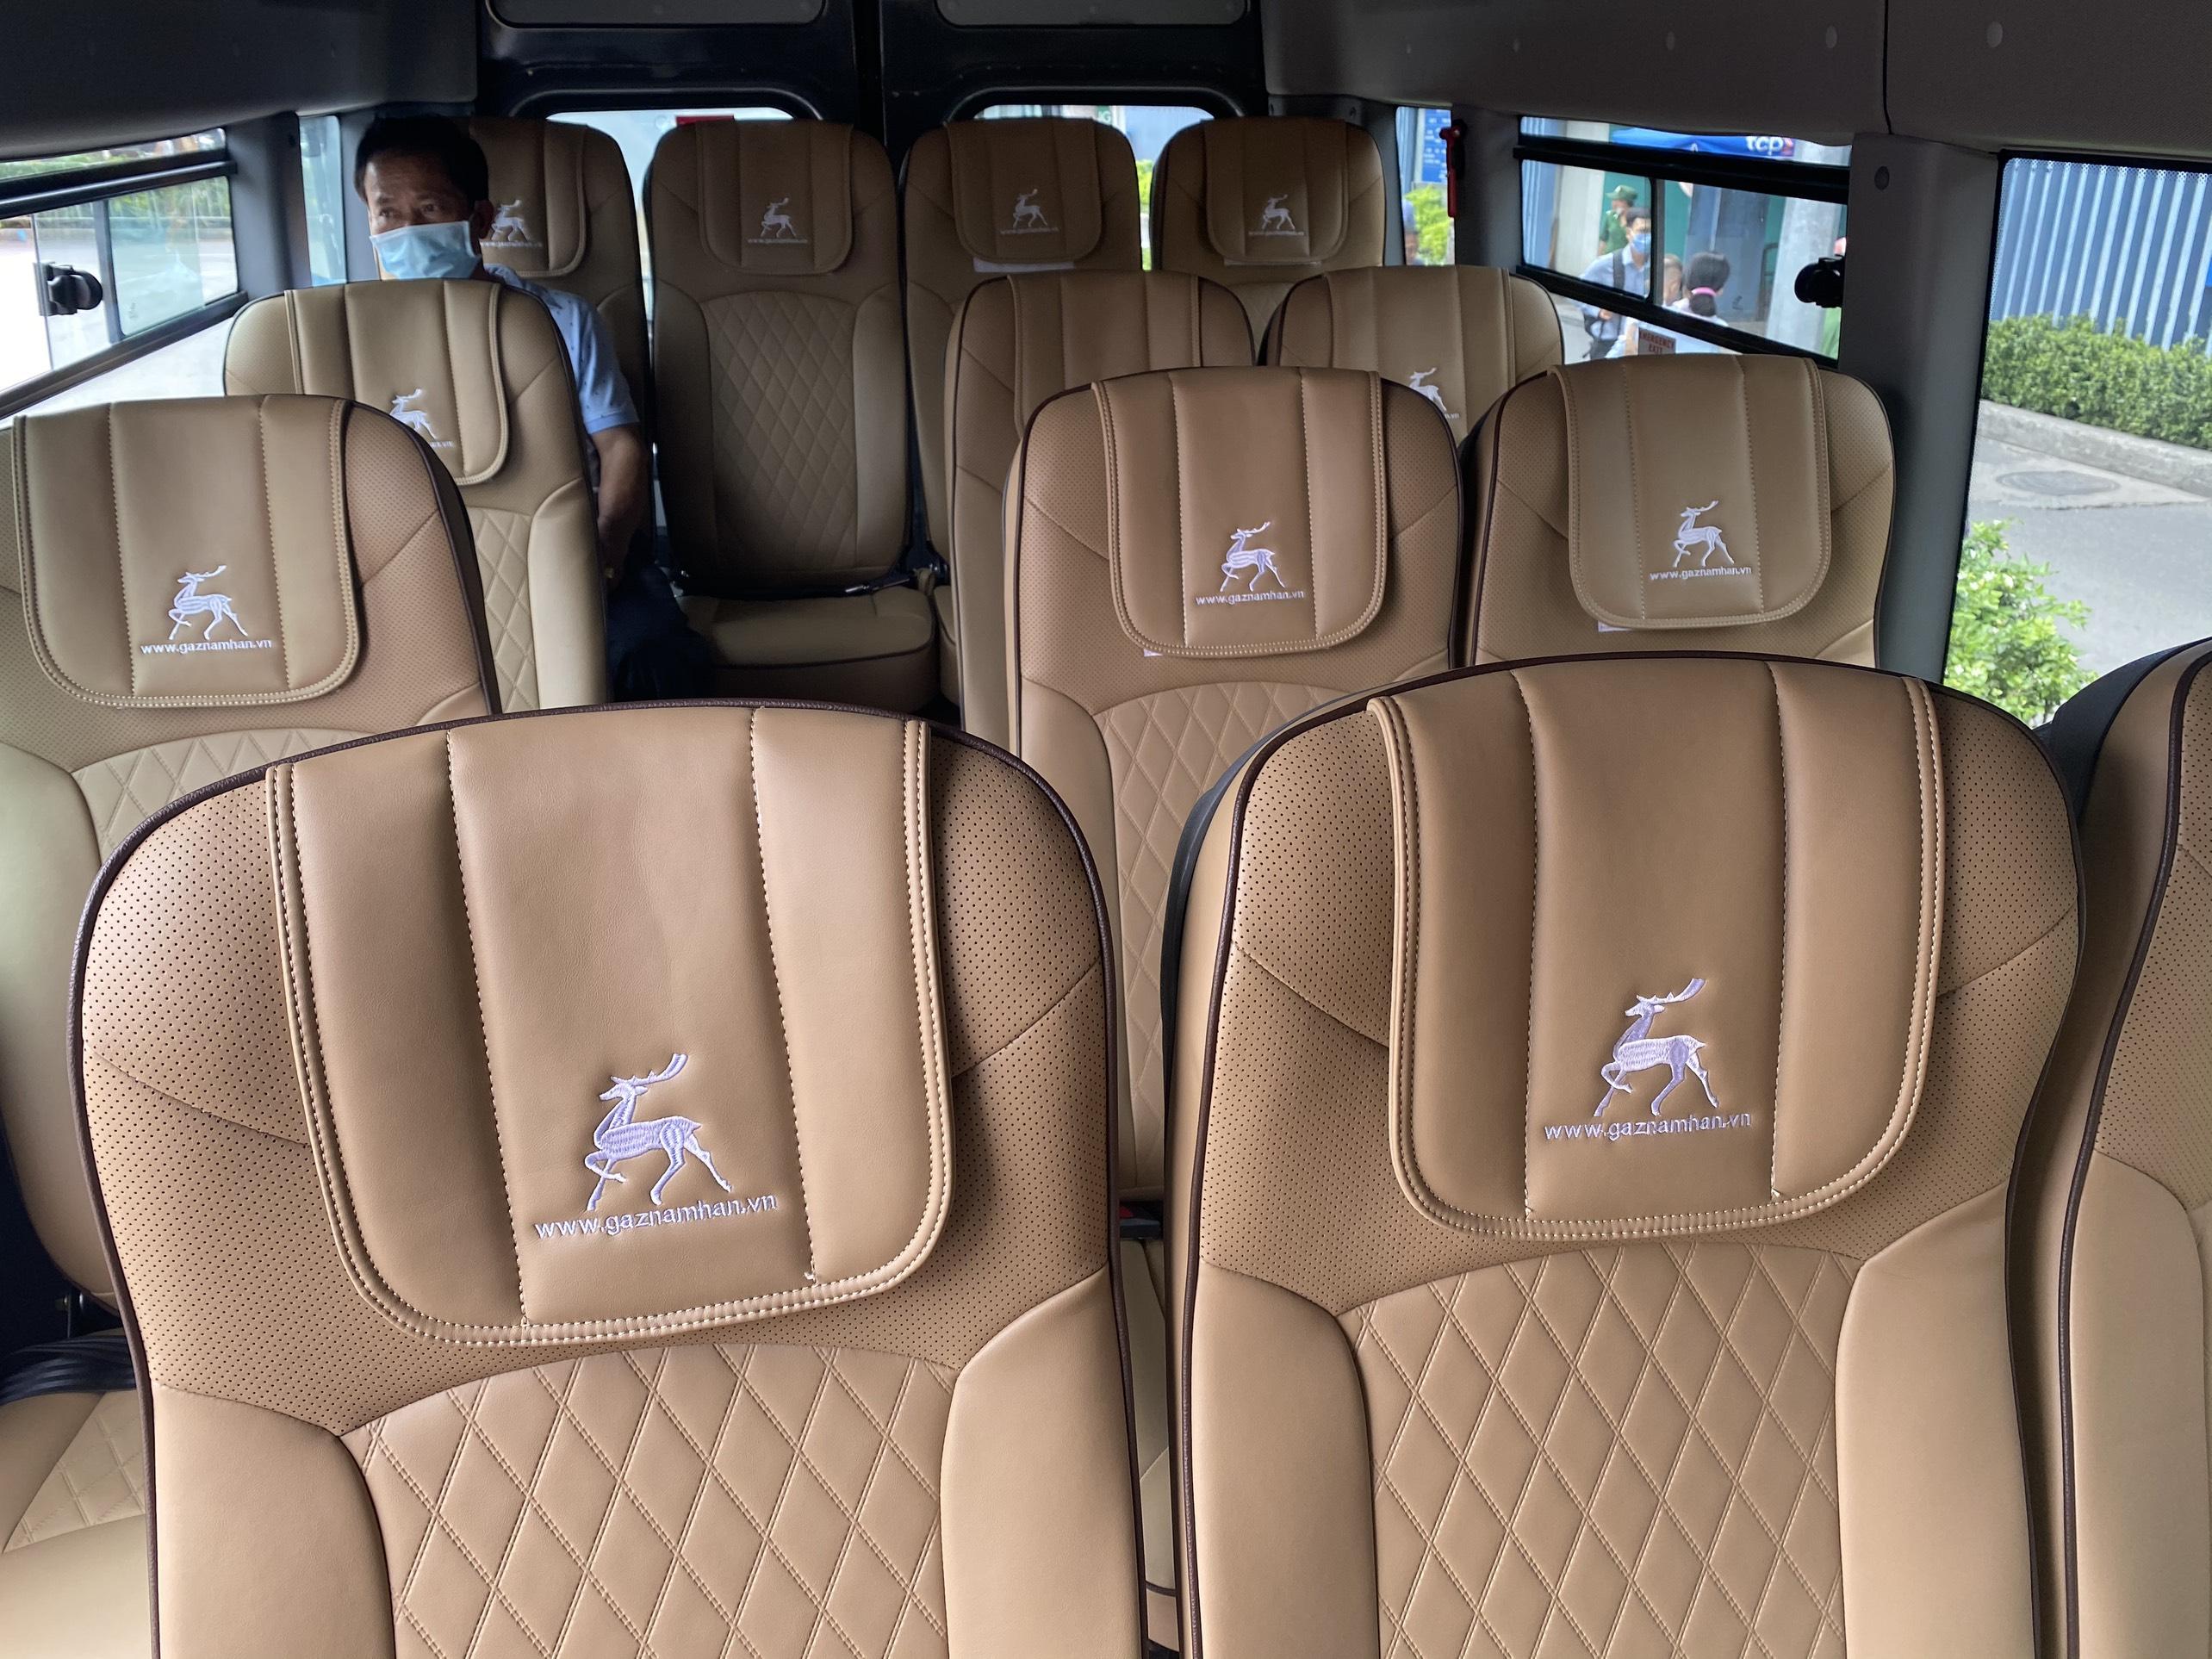 Nội thất xe AVIGO đi Vũng Tàu từ Sài Gòn